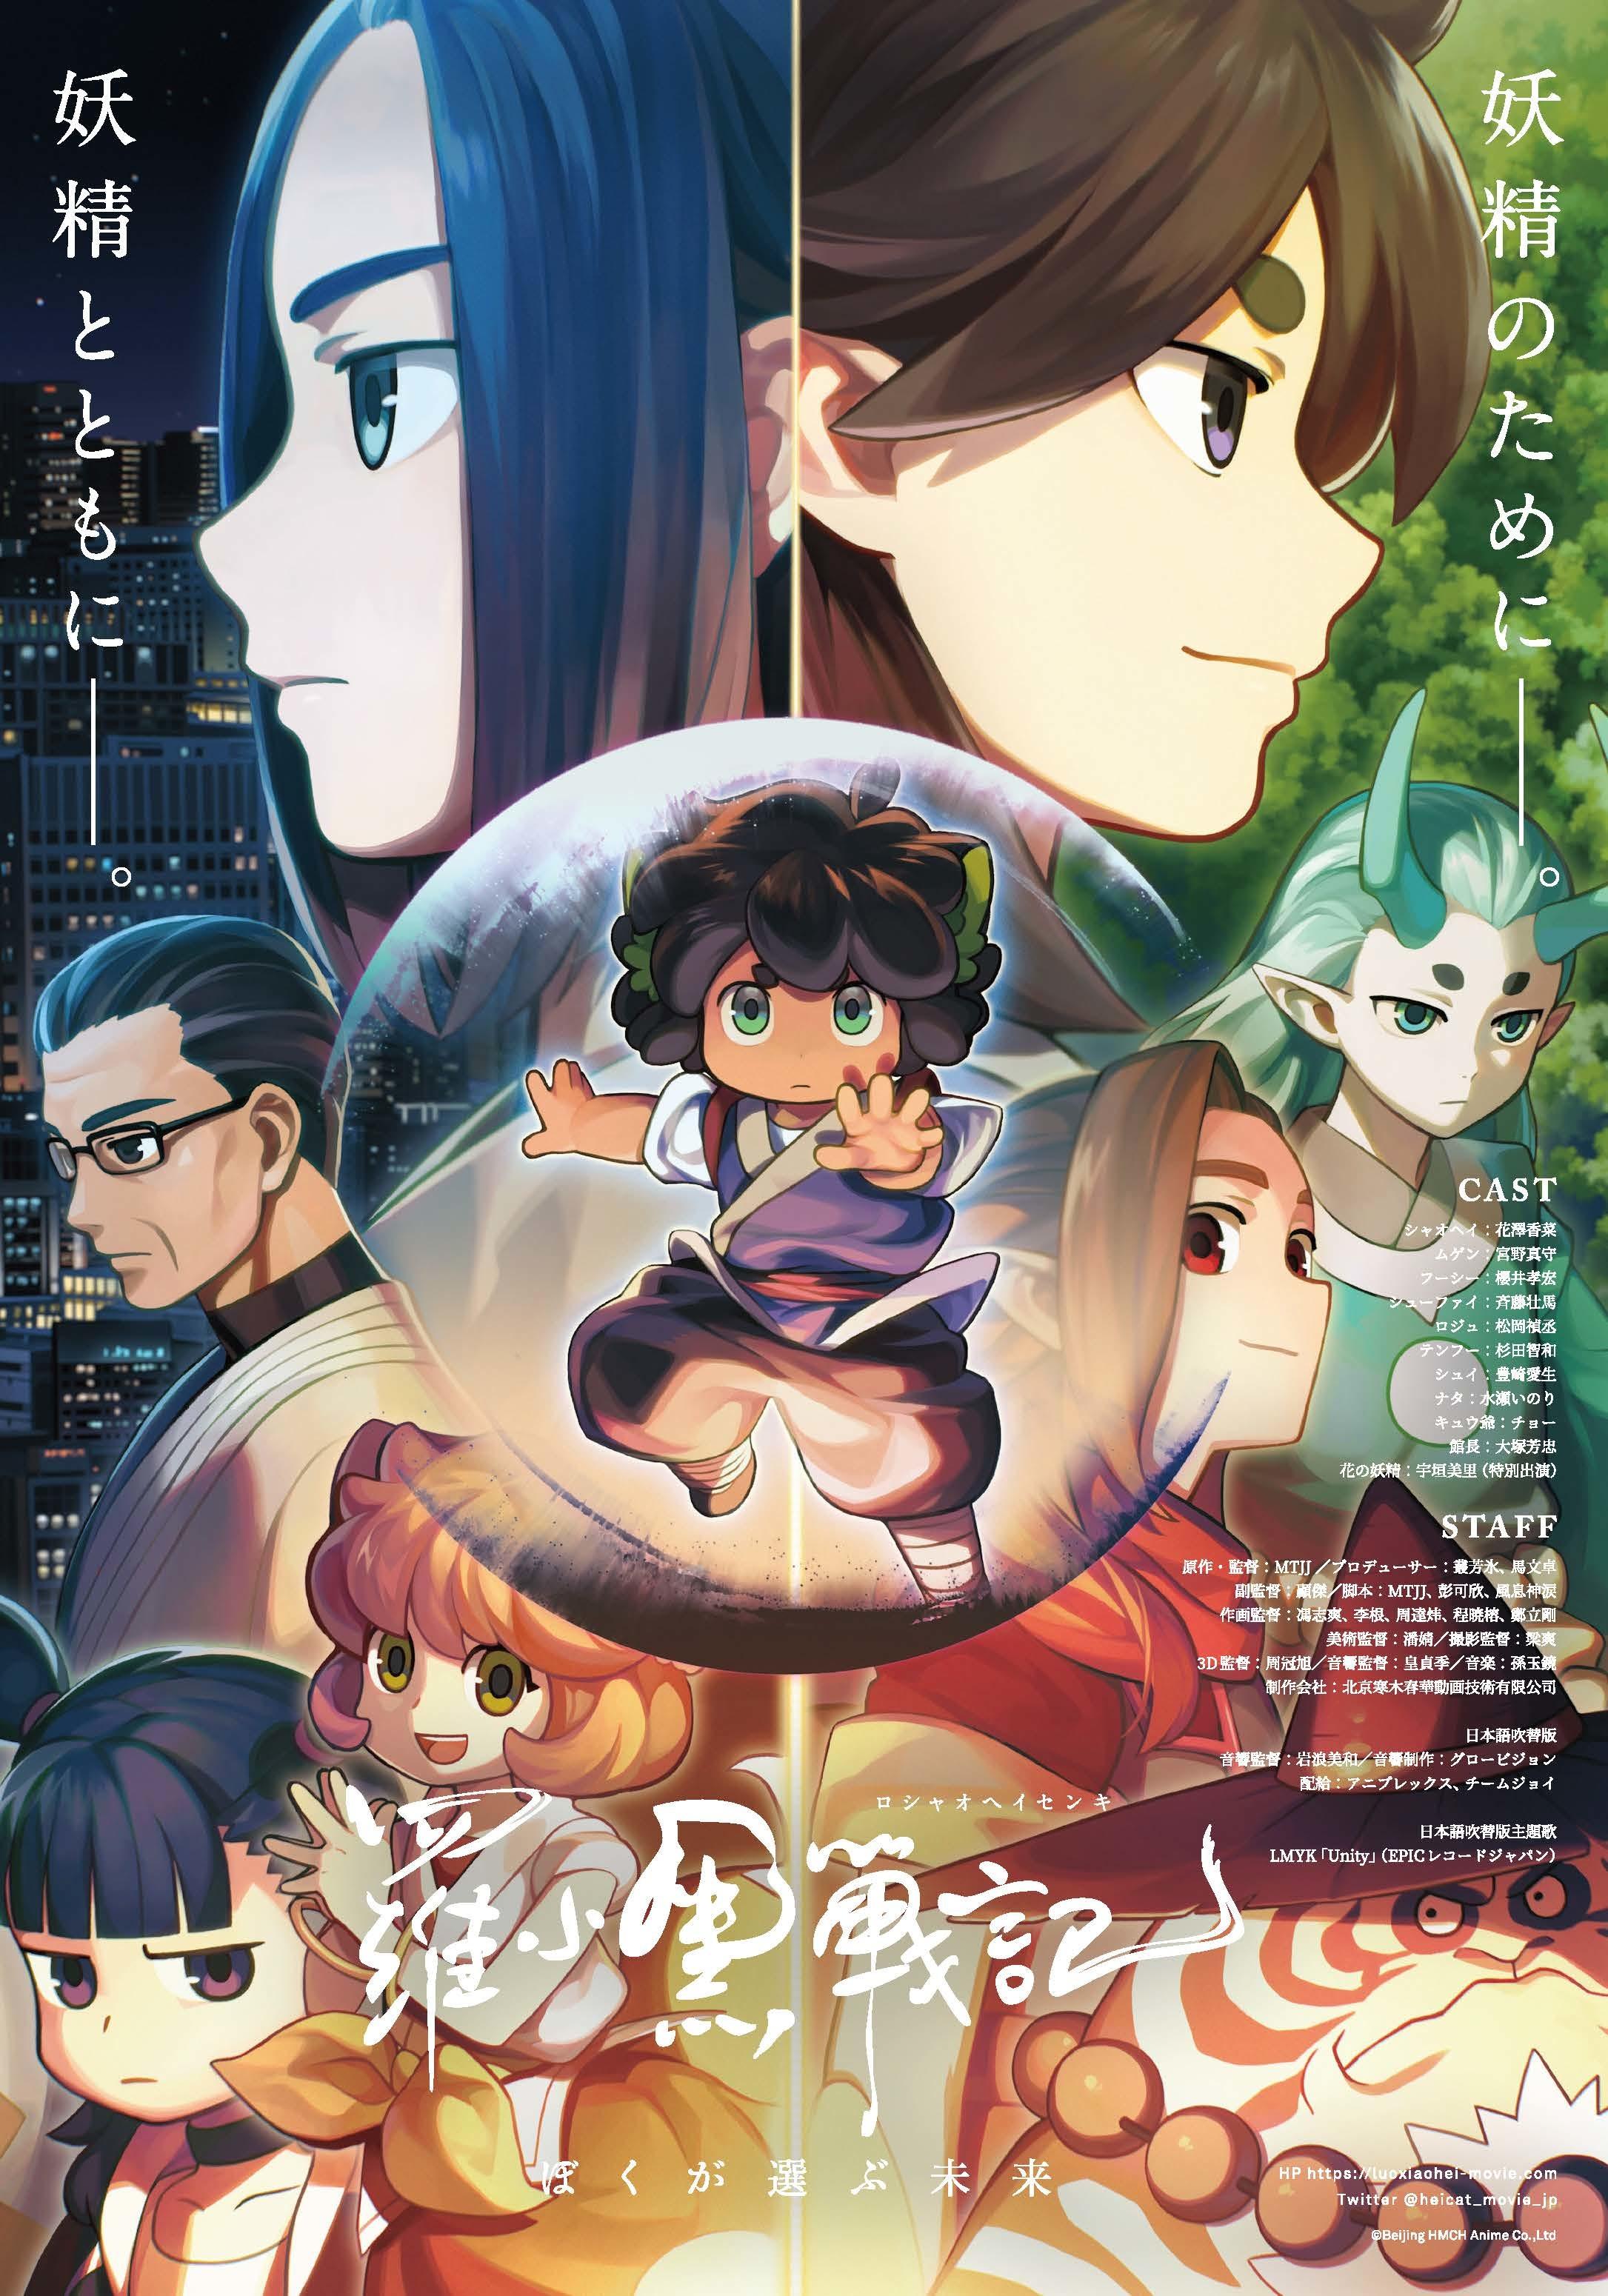 キービジュアル (C) Beijing HMCH Anime Co.,Ltd